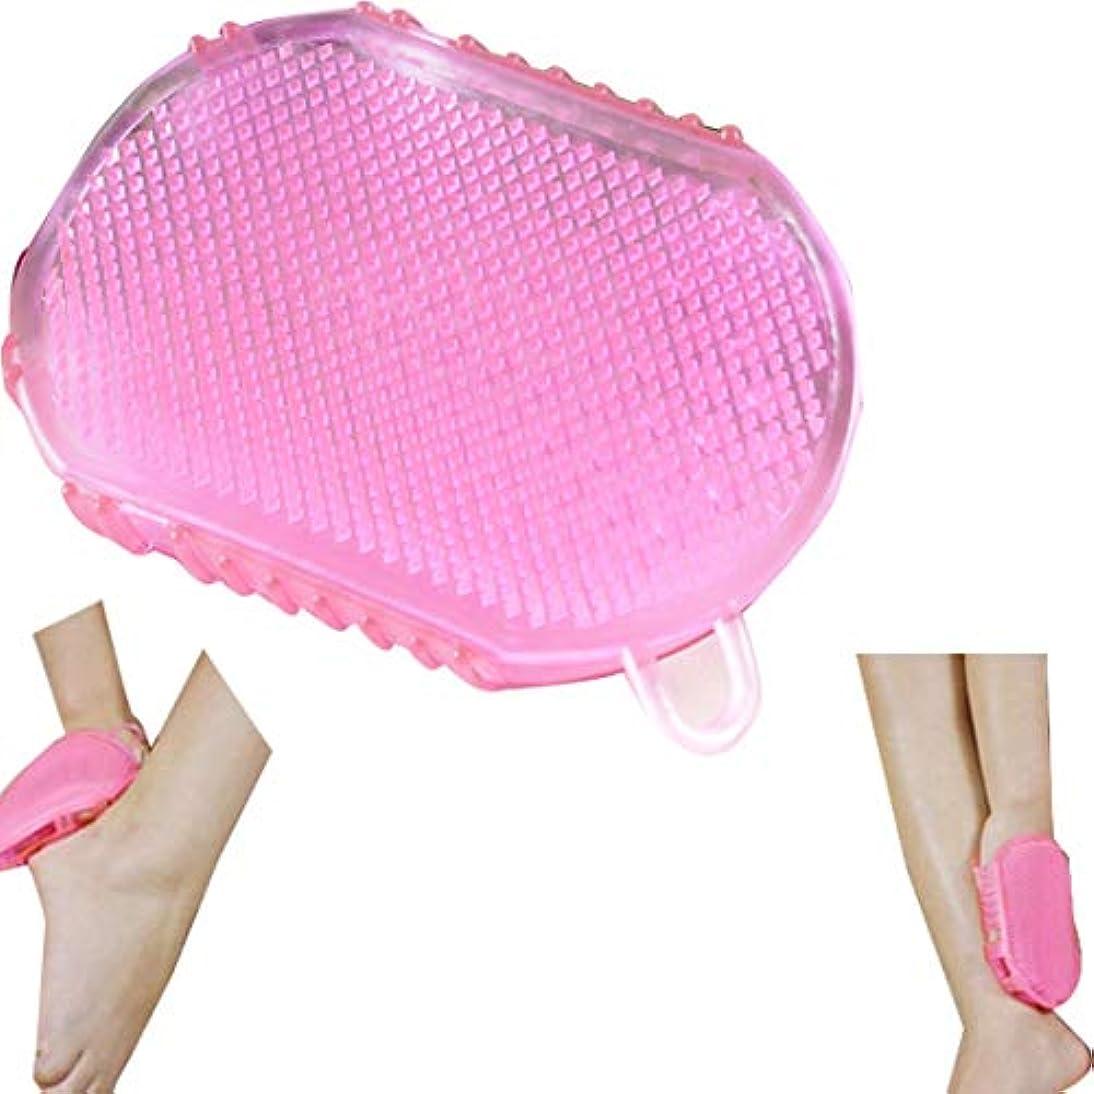 Tシリコンマッサージフットブラシ/フットグルーマー 足洗い用/バスブラシ、/フットブラシ/汚れ角質除去 ストレス解消